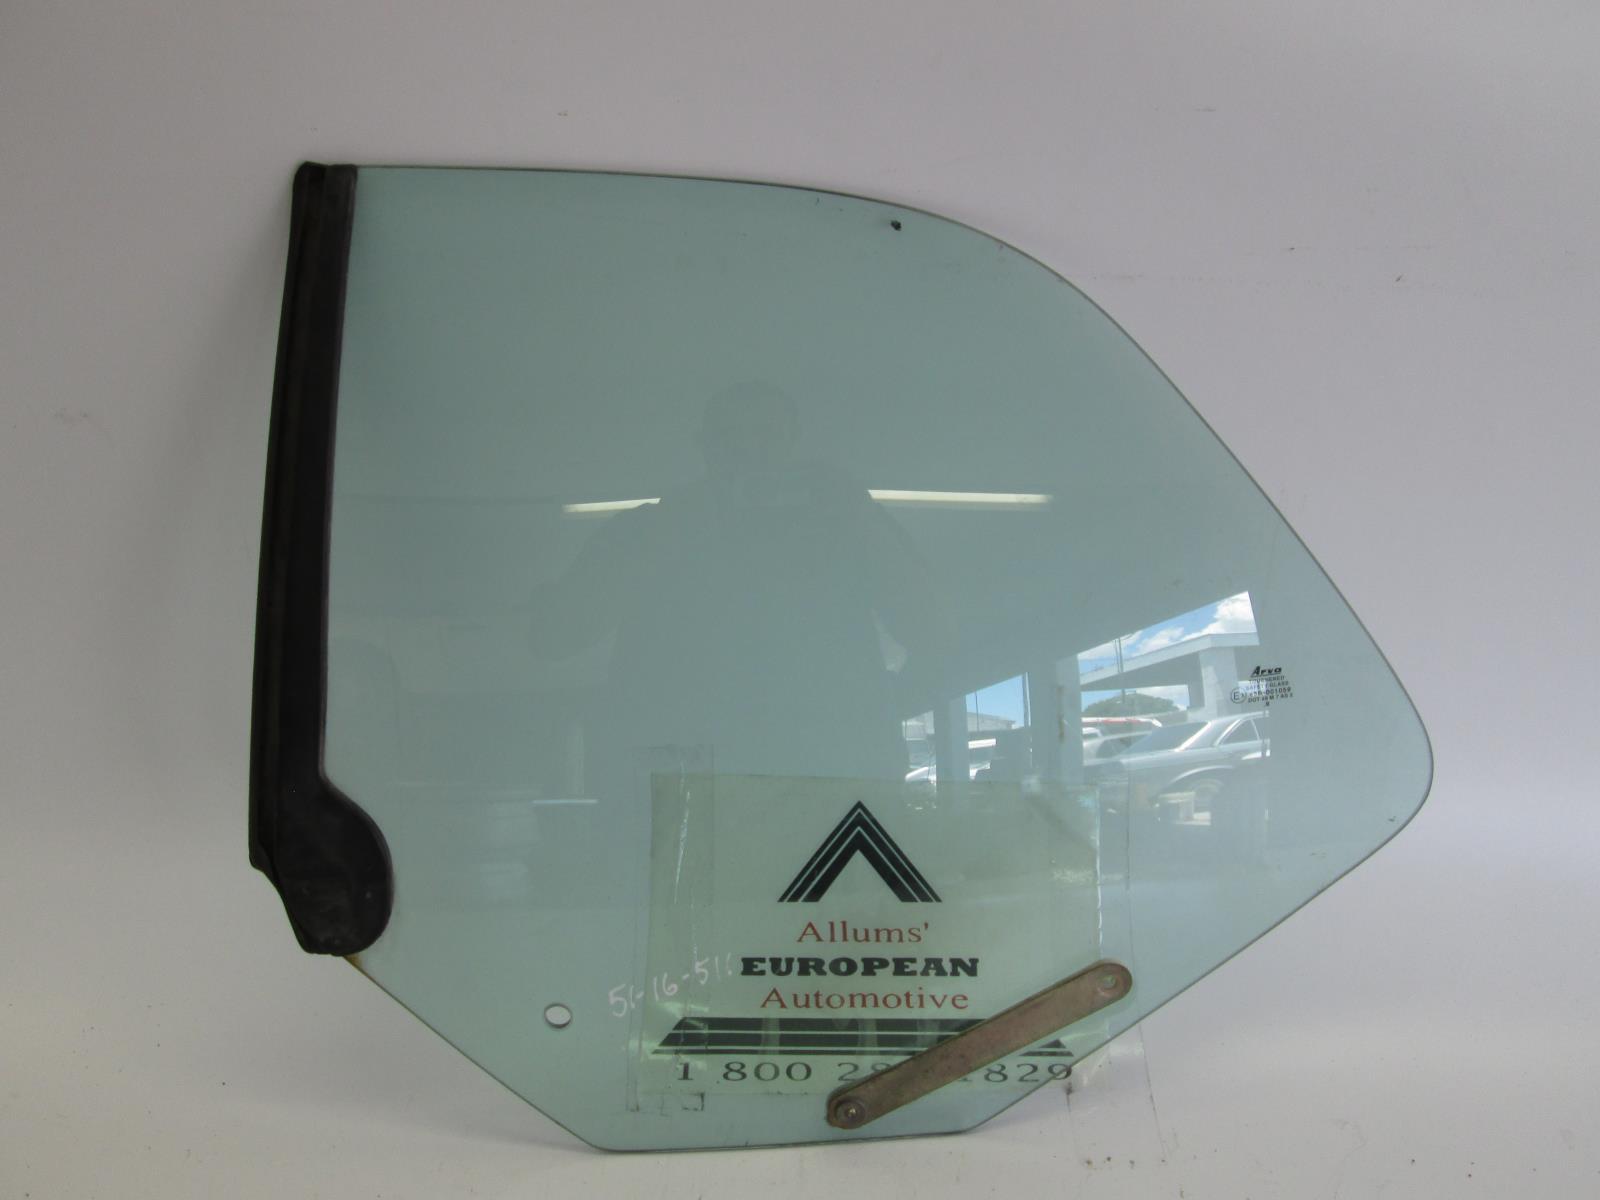 95-02 00 01 99 96 98 97 saab 900 9-3 convertible right front door glass window